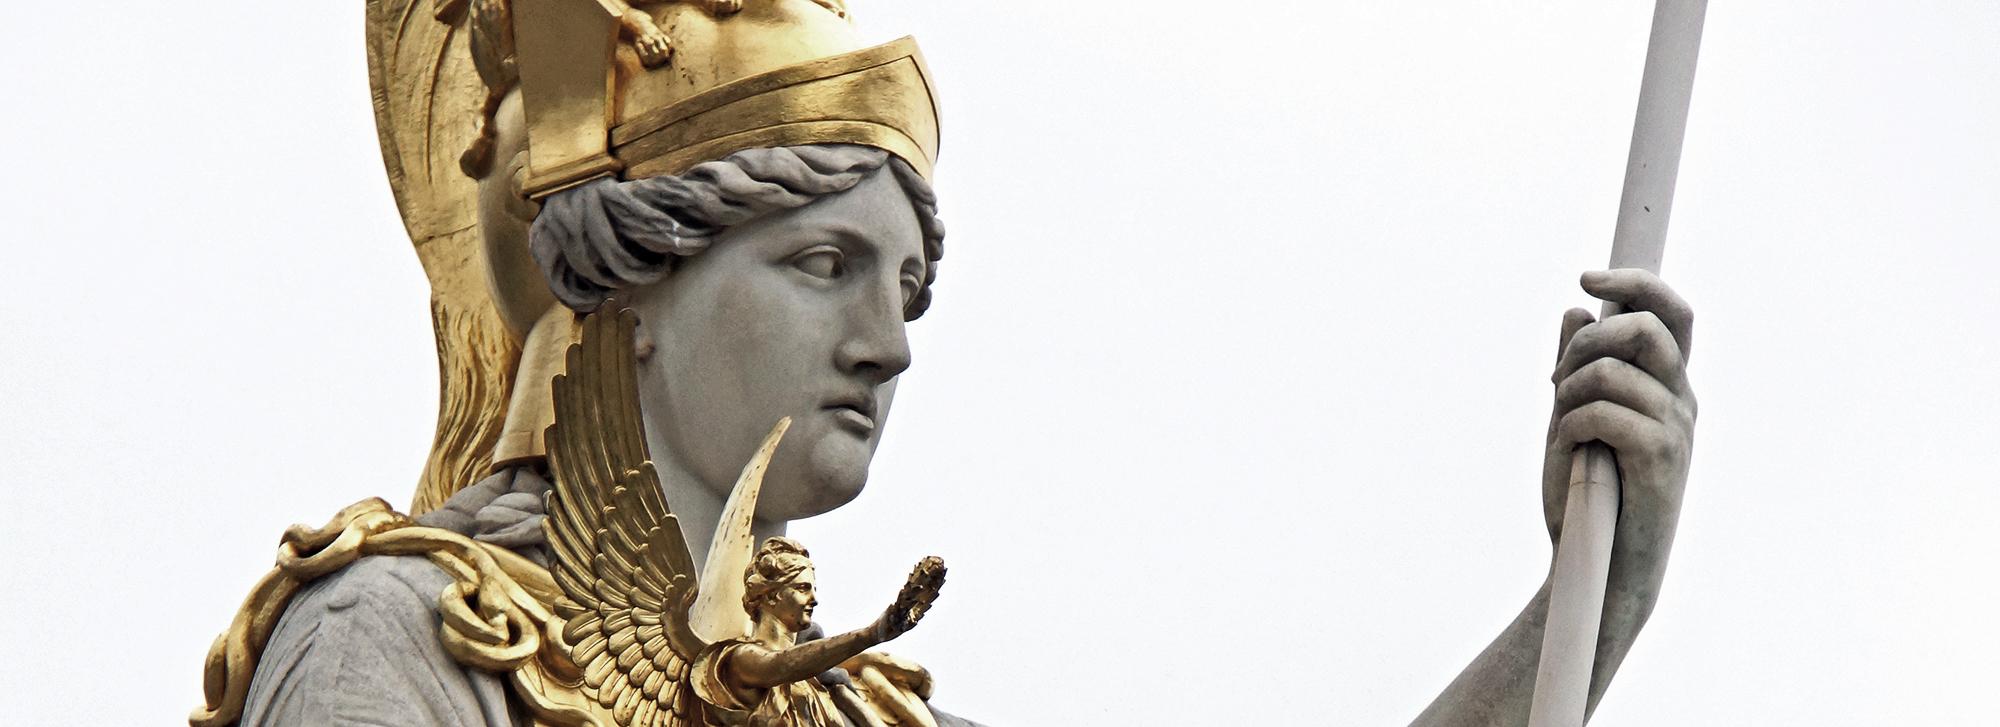 Deusa Atena, personificação do conhecimento e da sabedoria. Foto: Domínio Público